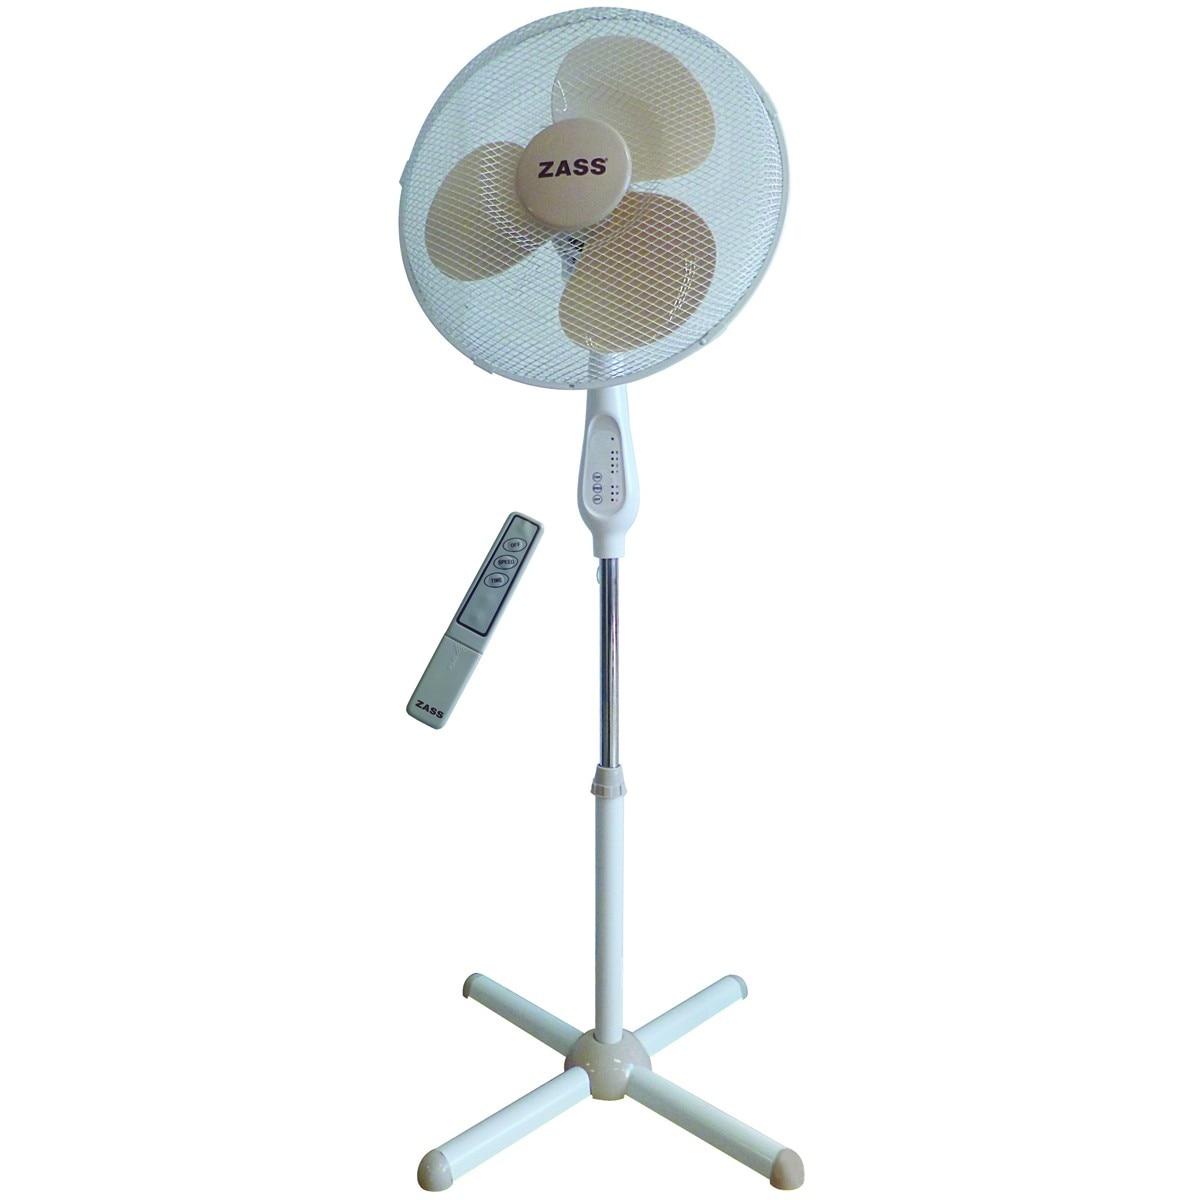 Fotografie Ventilator cu picior Zass ZFTR 1603, 50 W, 3 viteze, 41cm diametru, oscilare, telecomanda, Alb